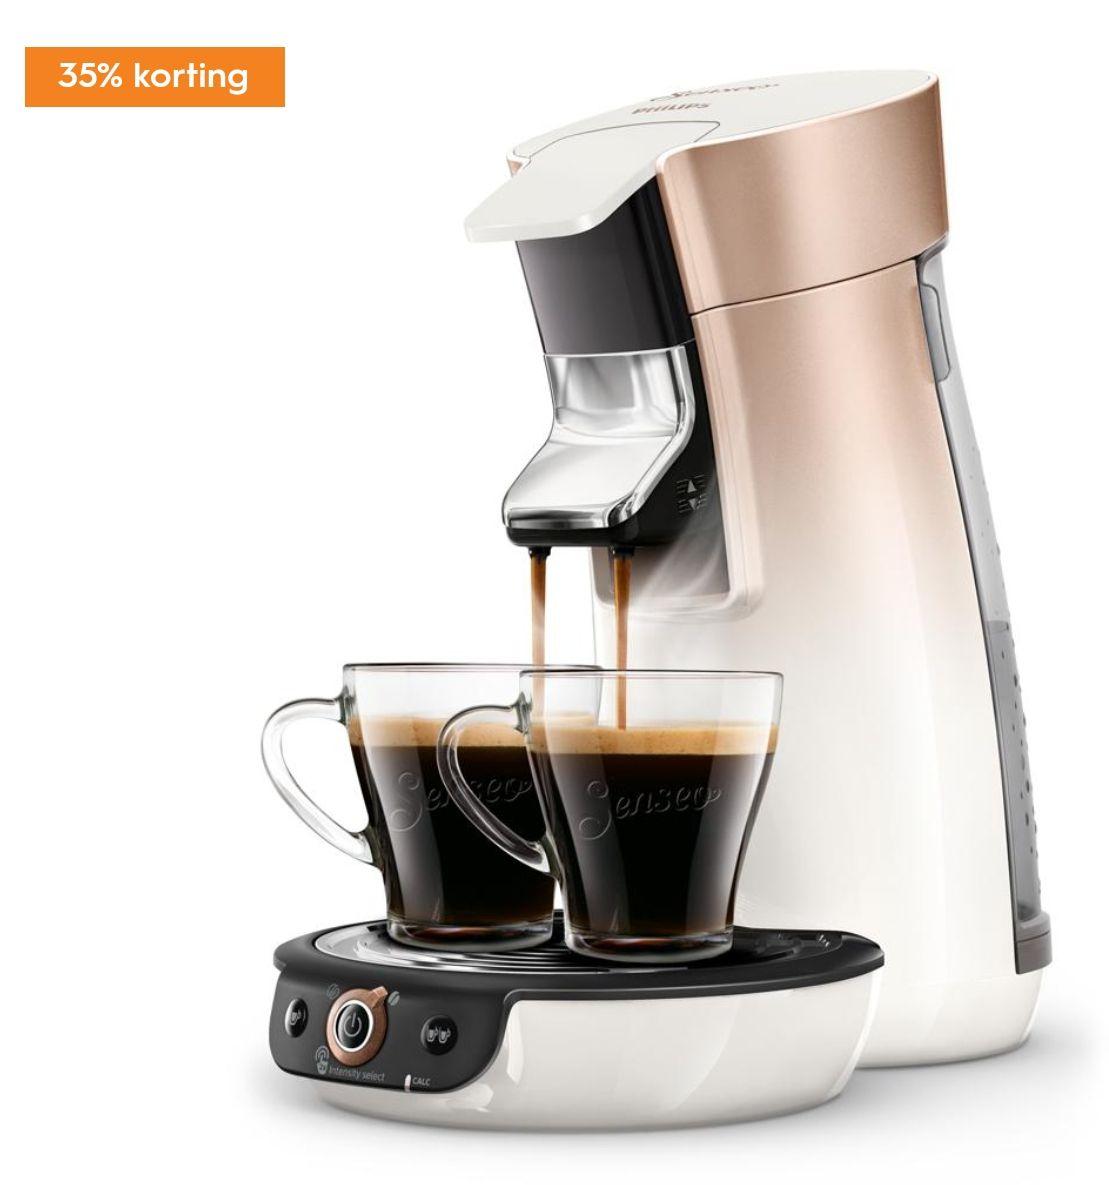 35% korting op Philips Senseo Viva Café HD6566/30 + gratis cadeaupakket t.w.v. €50 @Blokker